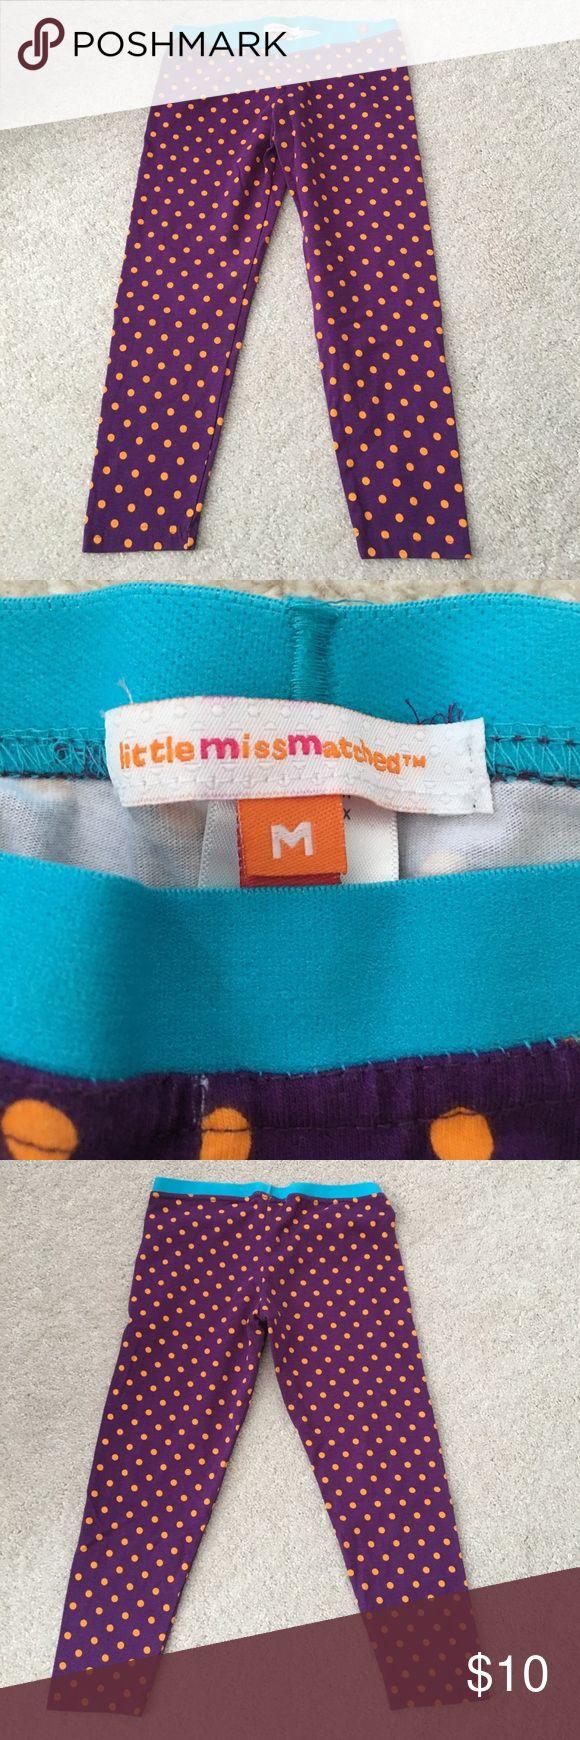 Little Miss Matched Leggings, NWOT Little Miss Matched Leggings, NWOT, size M 7/8 Little Miss Matched Bottoms Leggings